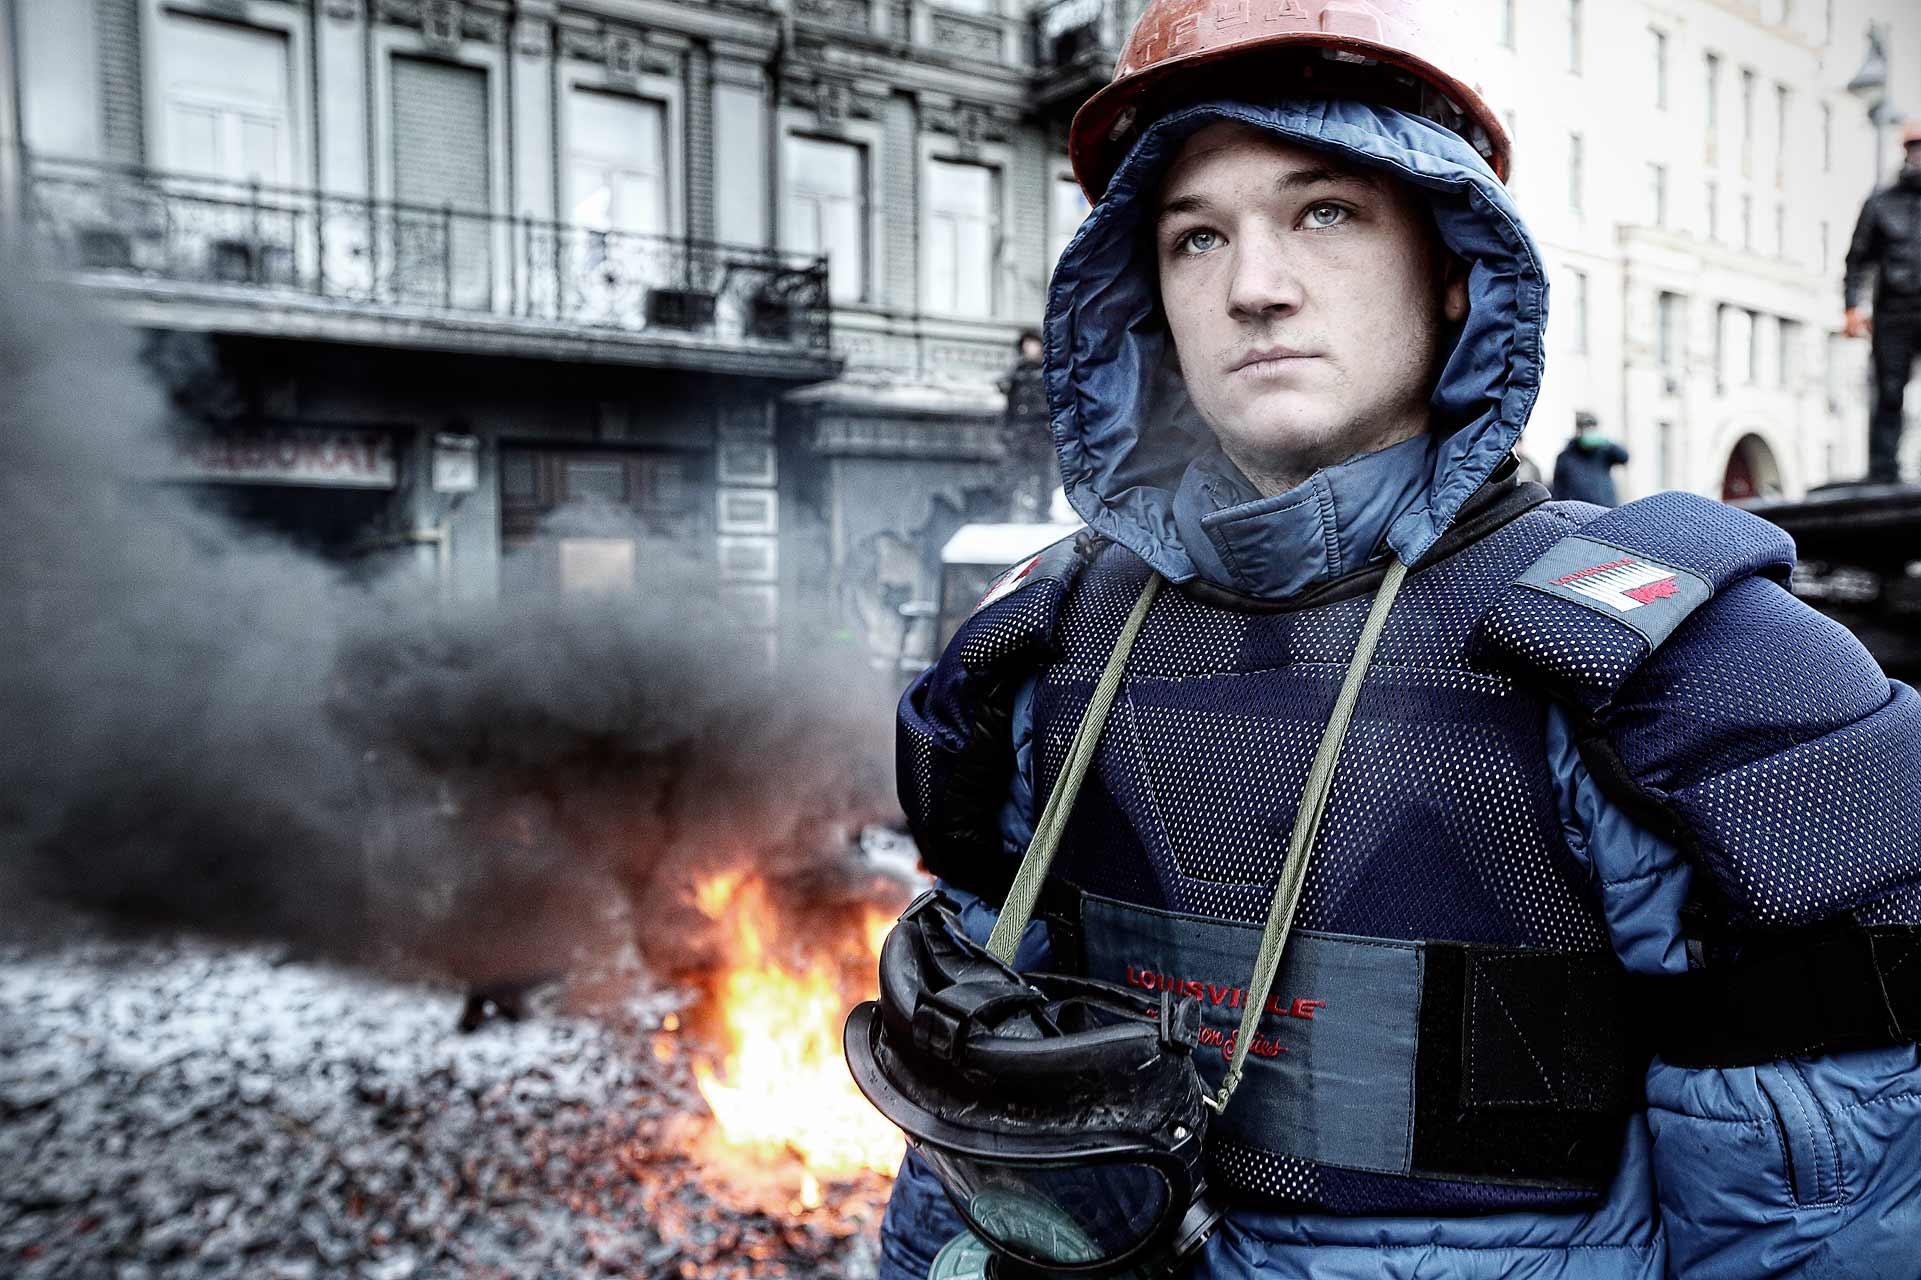 The Maidan Republic